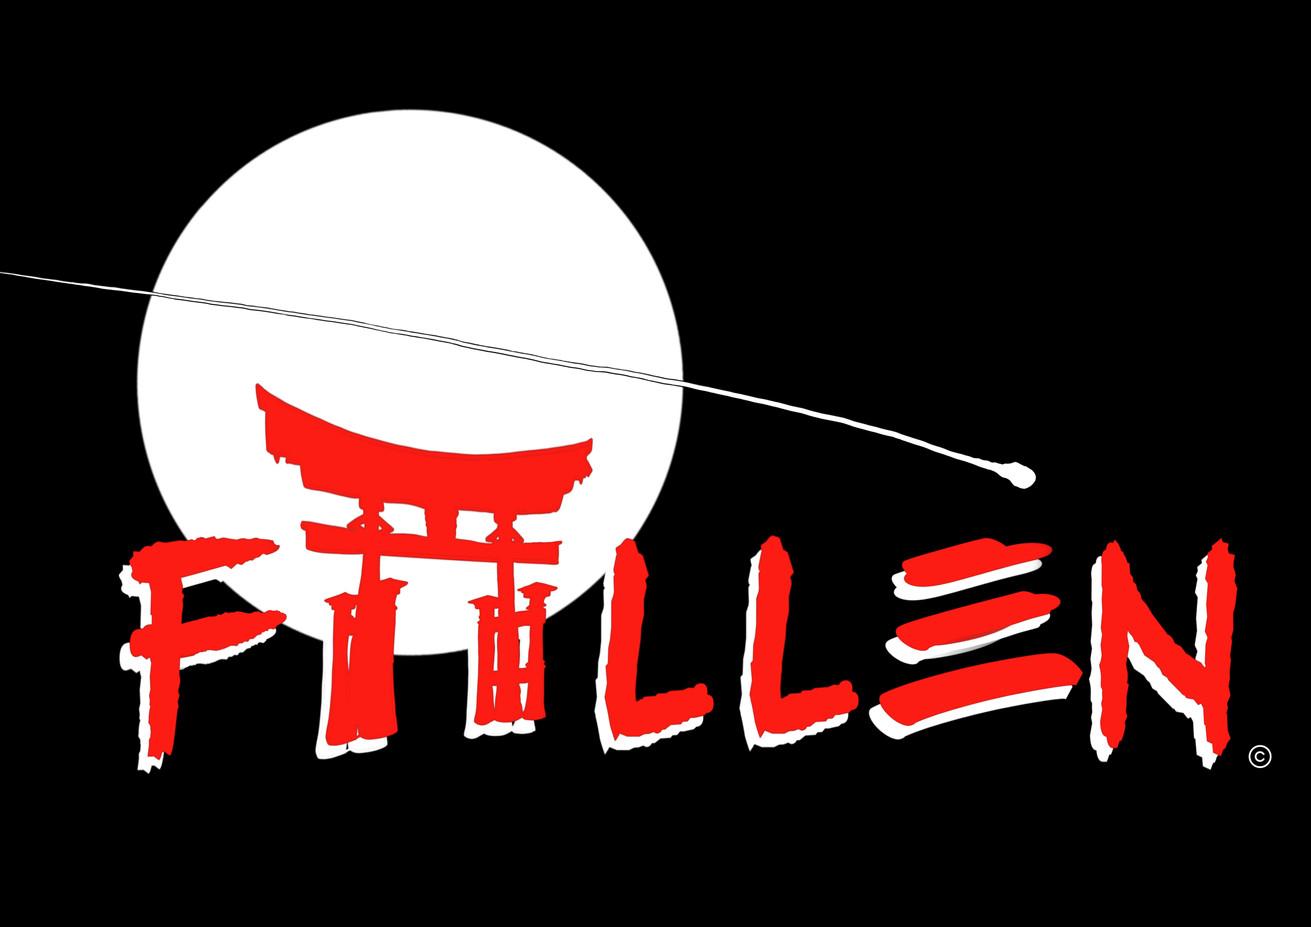 FALLEN_-_LOGO_REVISED V1.jpg